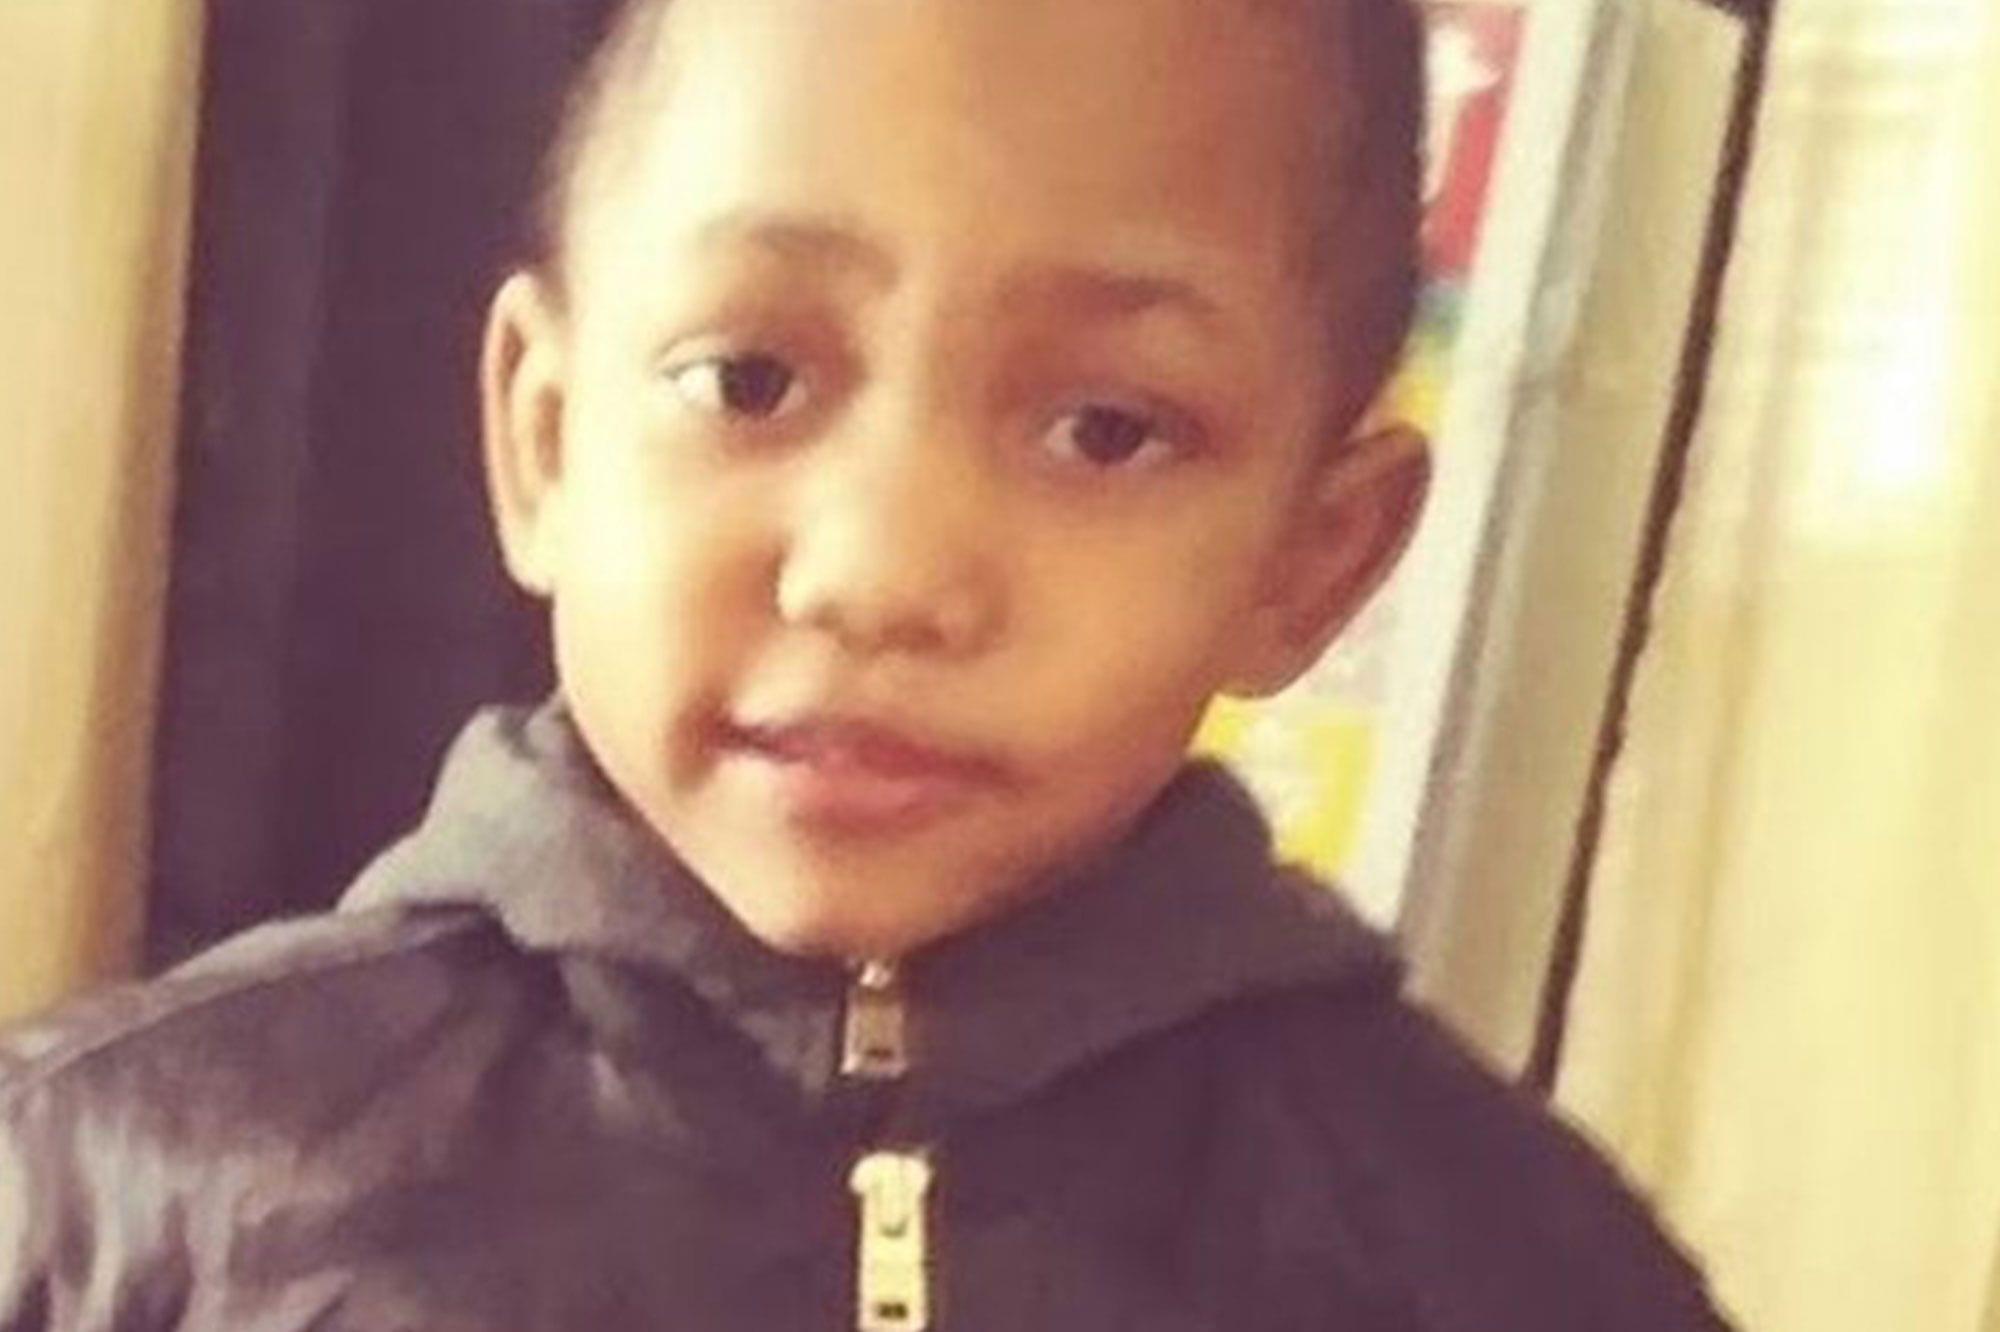 Pennsylvanie : un enfant de 7 ans retrouvé mort au milieu de la route